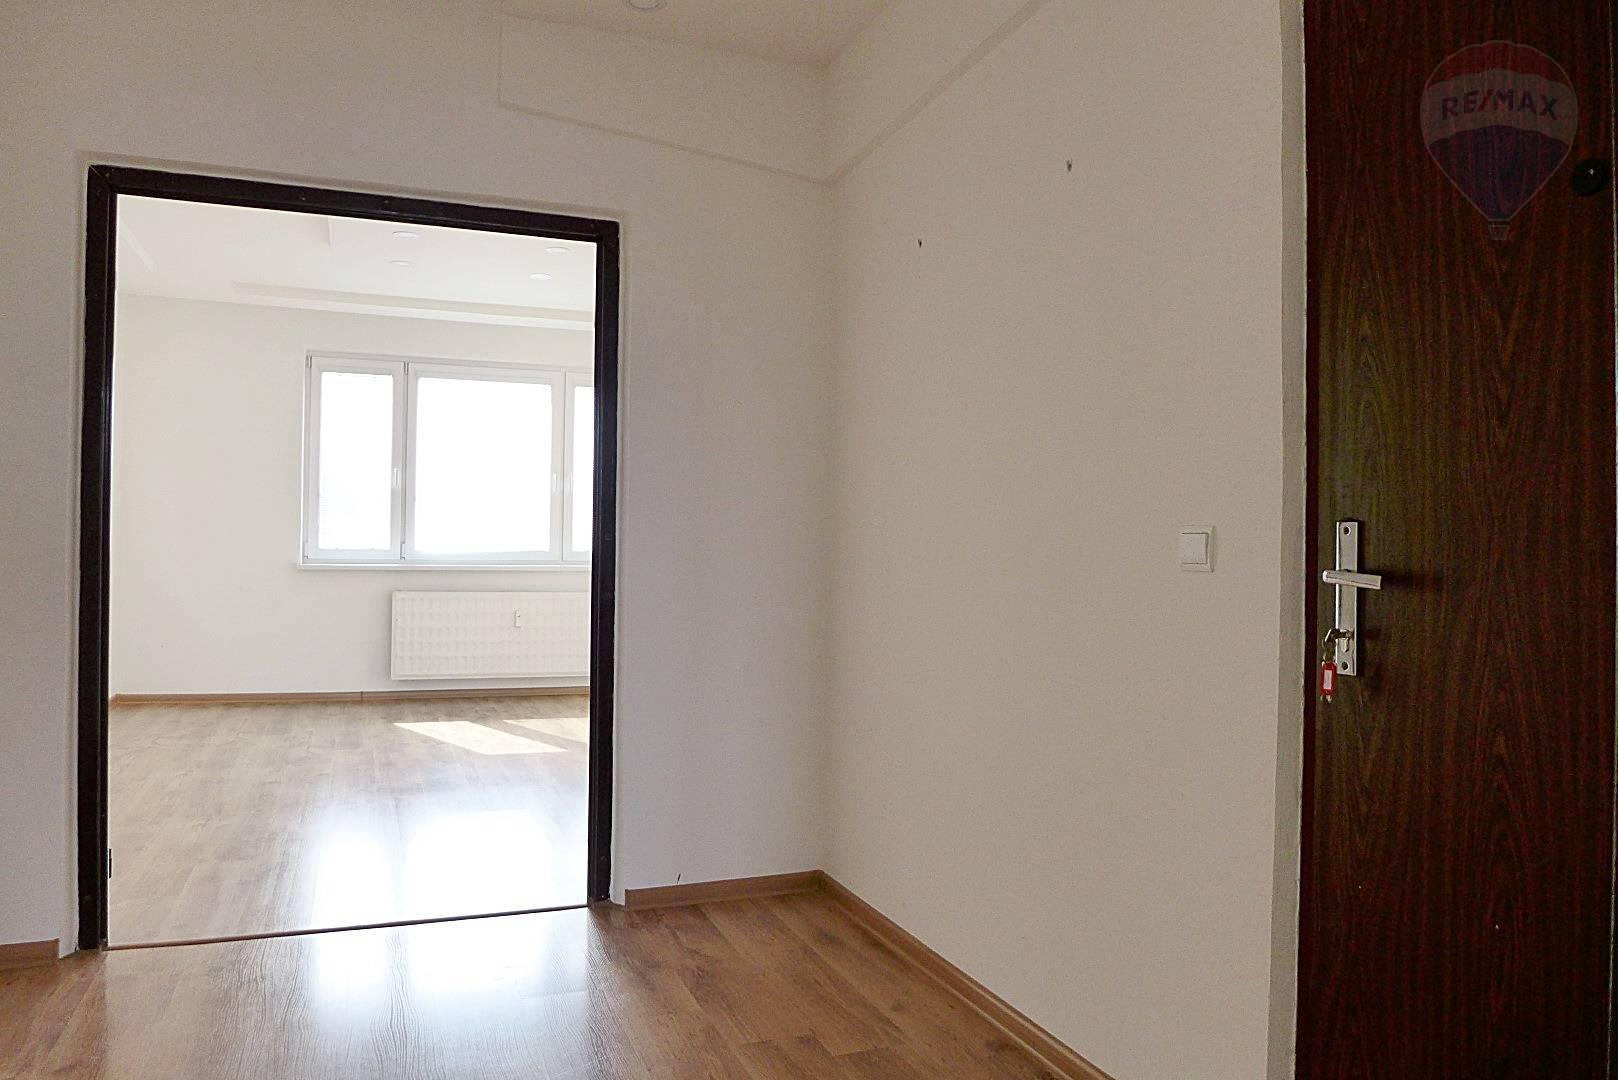 PREDAJ 3 izbový byt s lógiou 70 m2 ul. Urbárska - 8.poschodie s výťahom - sídl. Necpaly - PRIEVIDZA